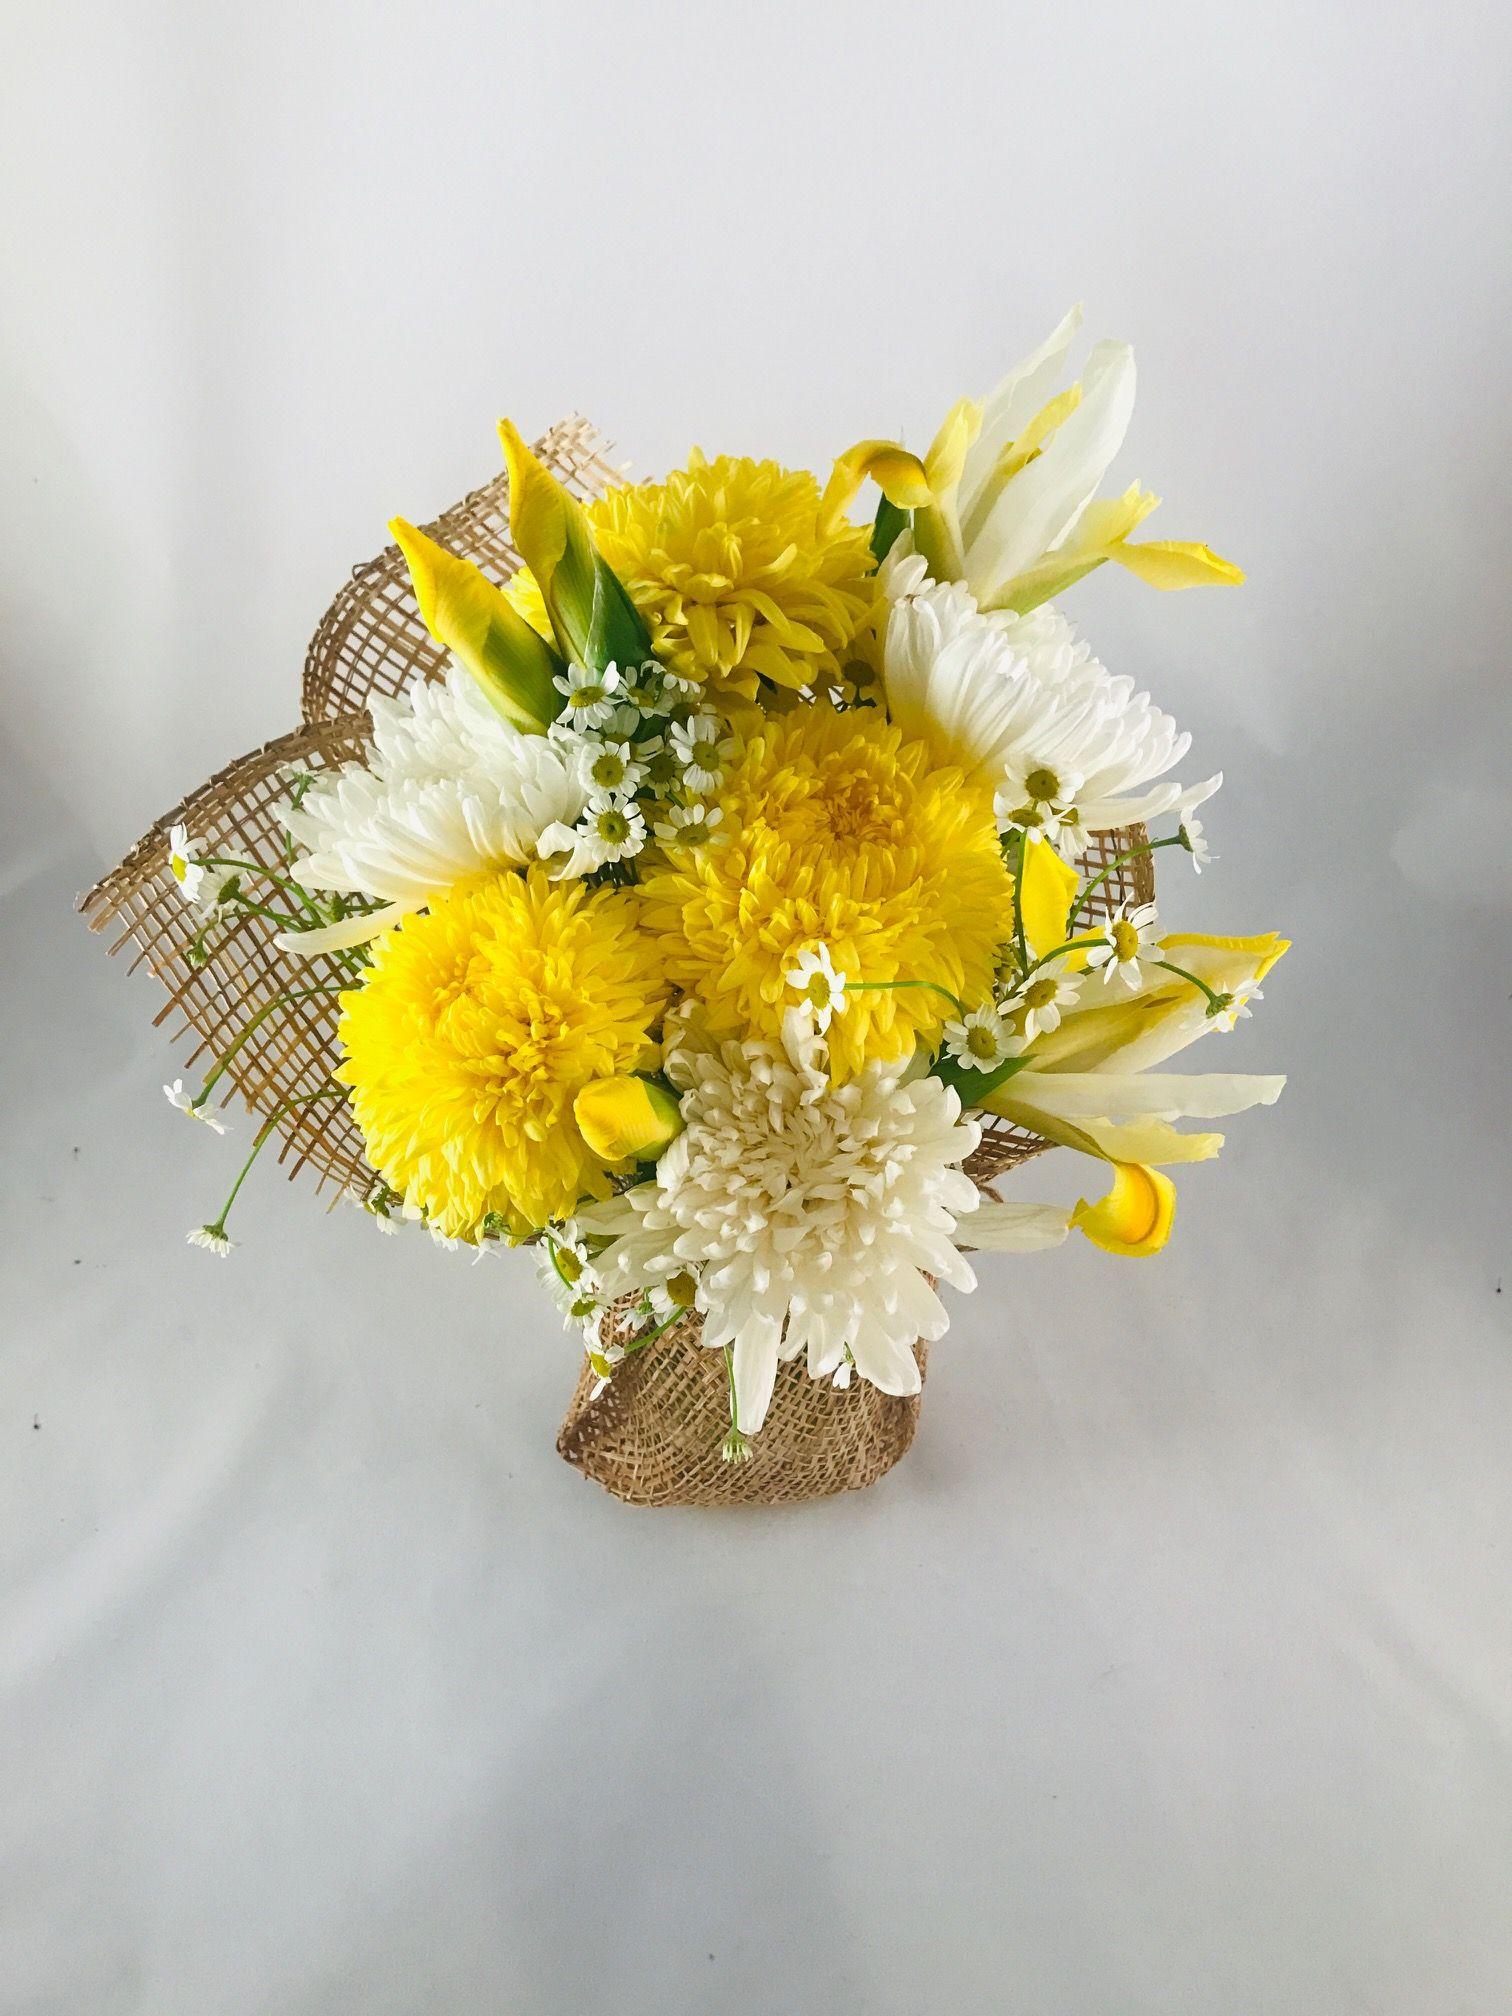 perth florist daily flowers Flower arrangements, Floral